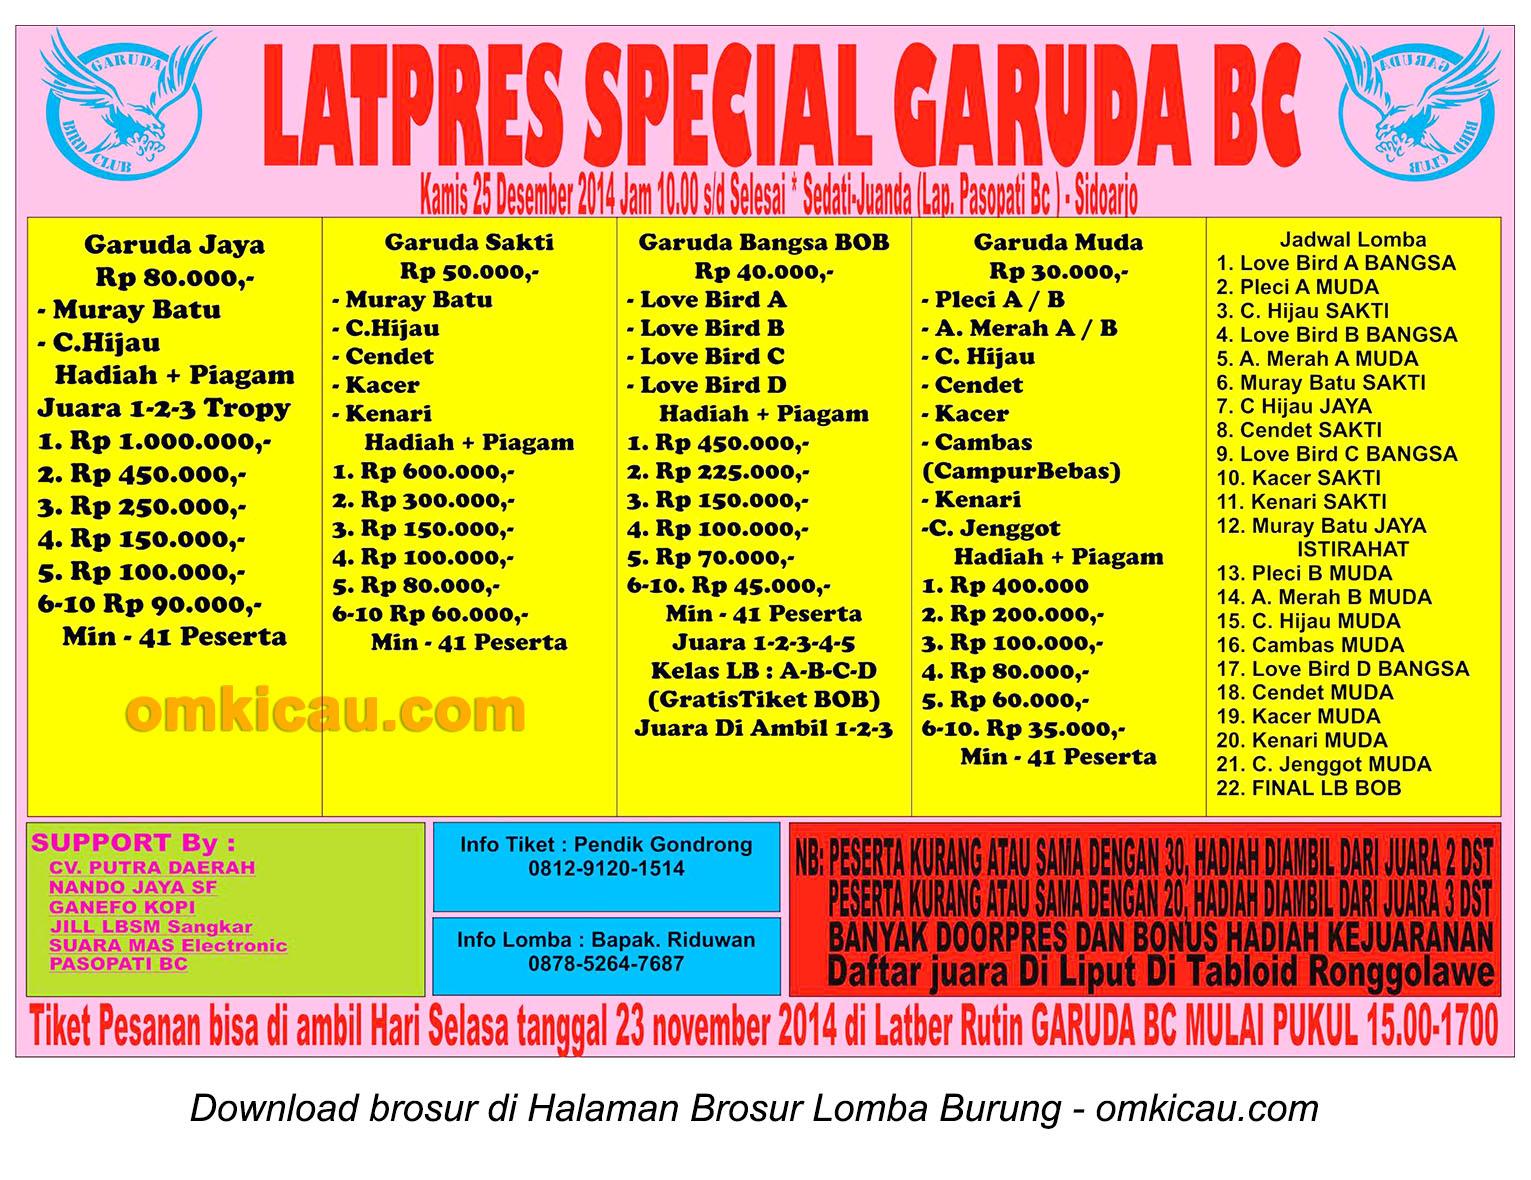 Brosur Latpres Spesial Garuda BC, Sidoarjo, 25 Desember 2014